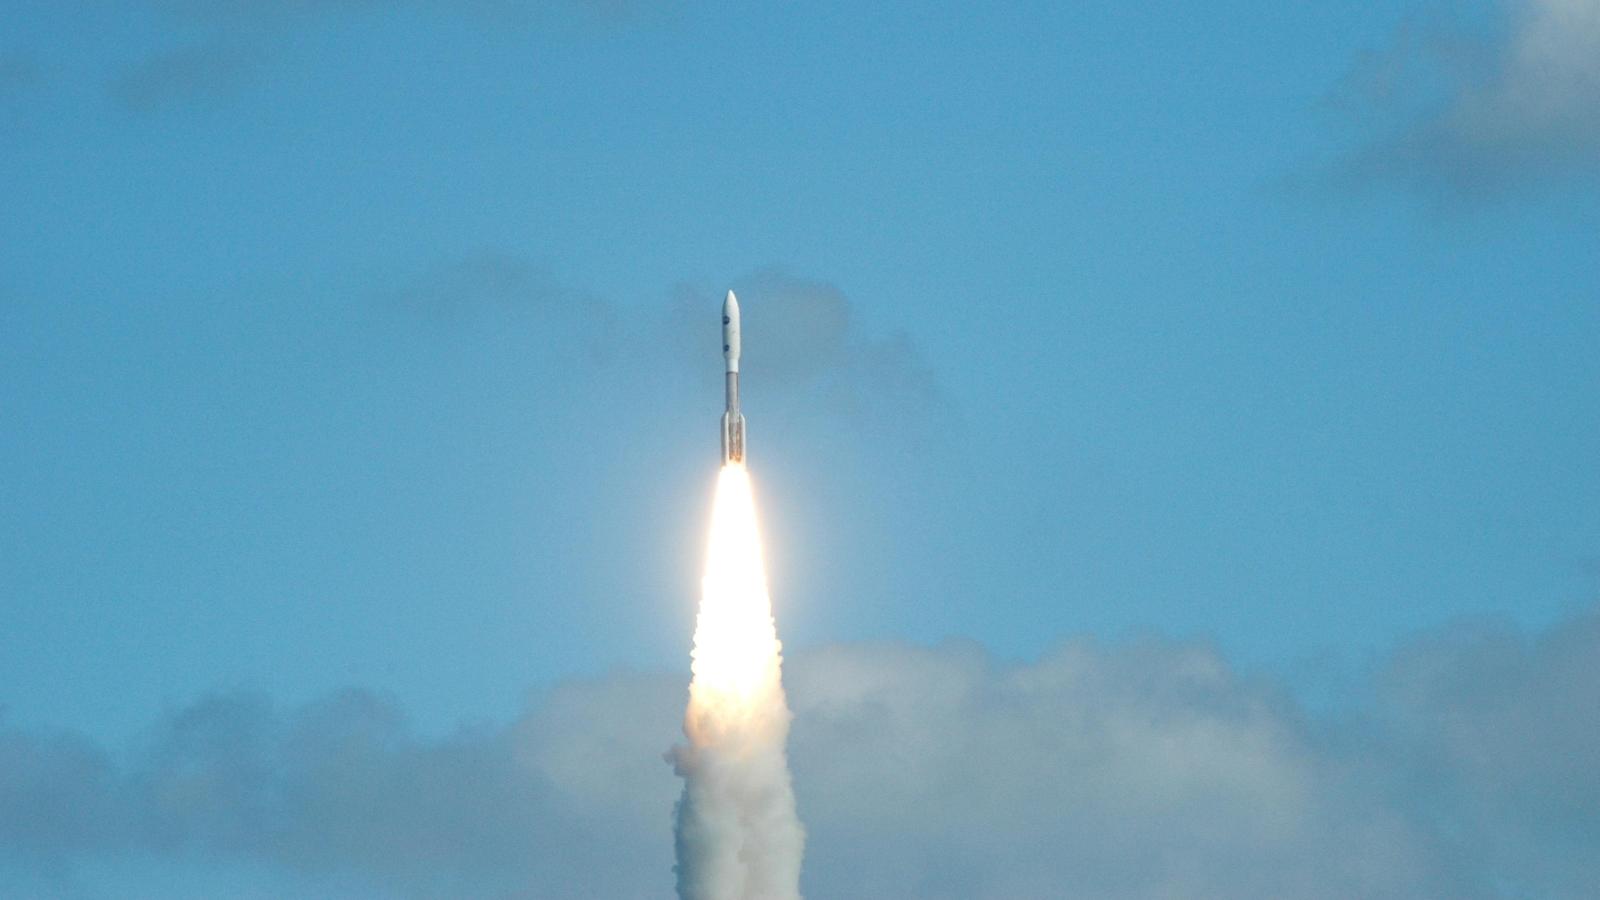 new horizons launch 2006